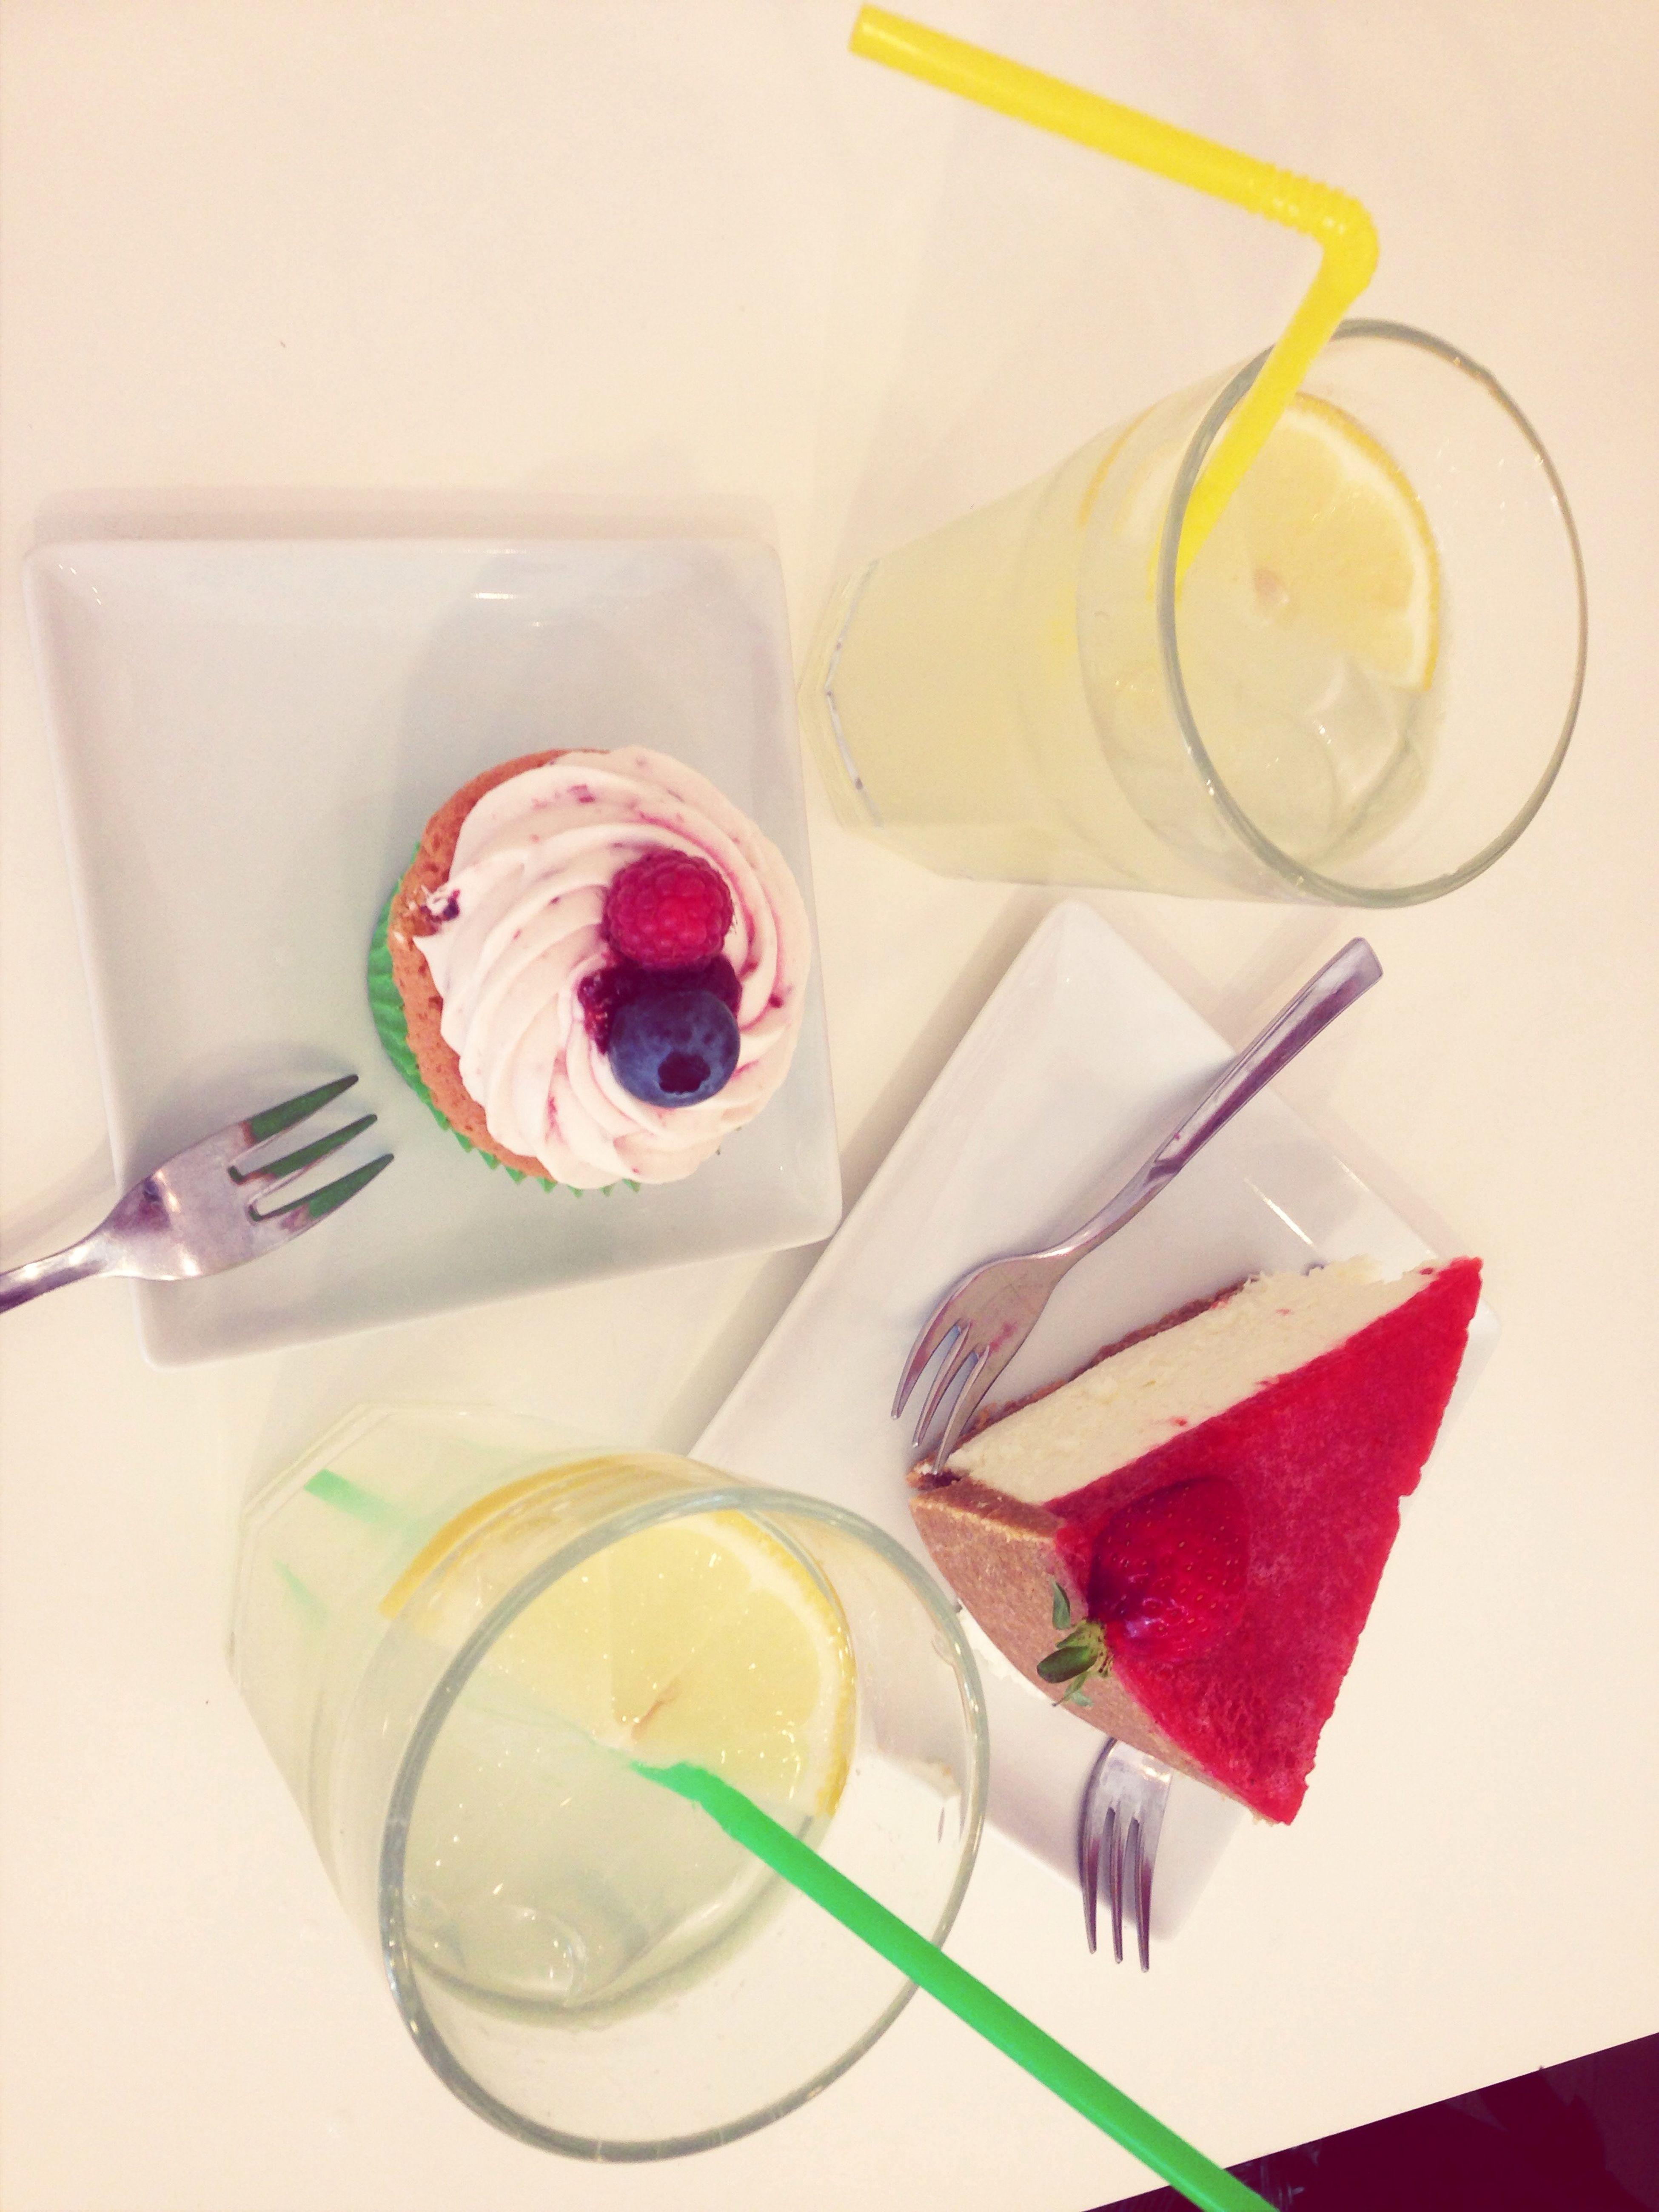 Breakfast Time Breakfast ♥ Healthy Breakfast Hanging Out